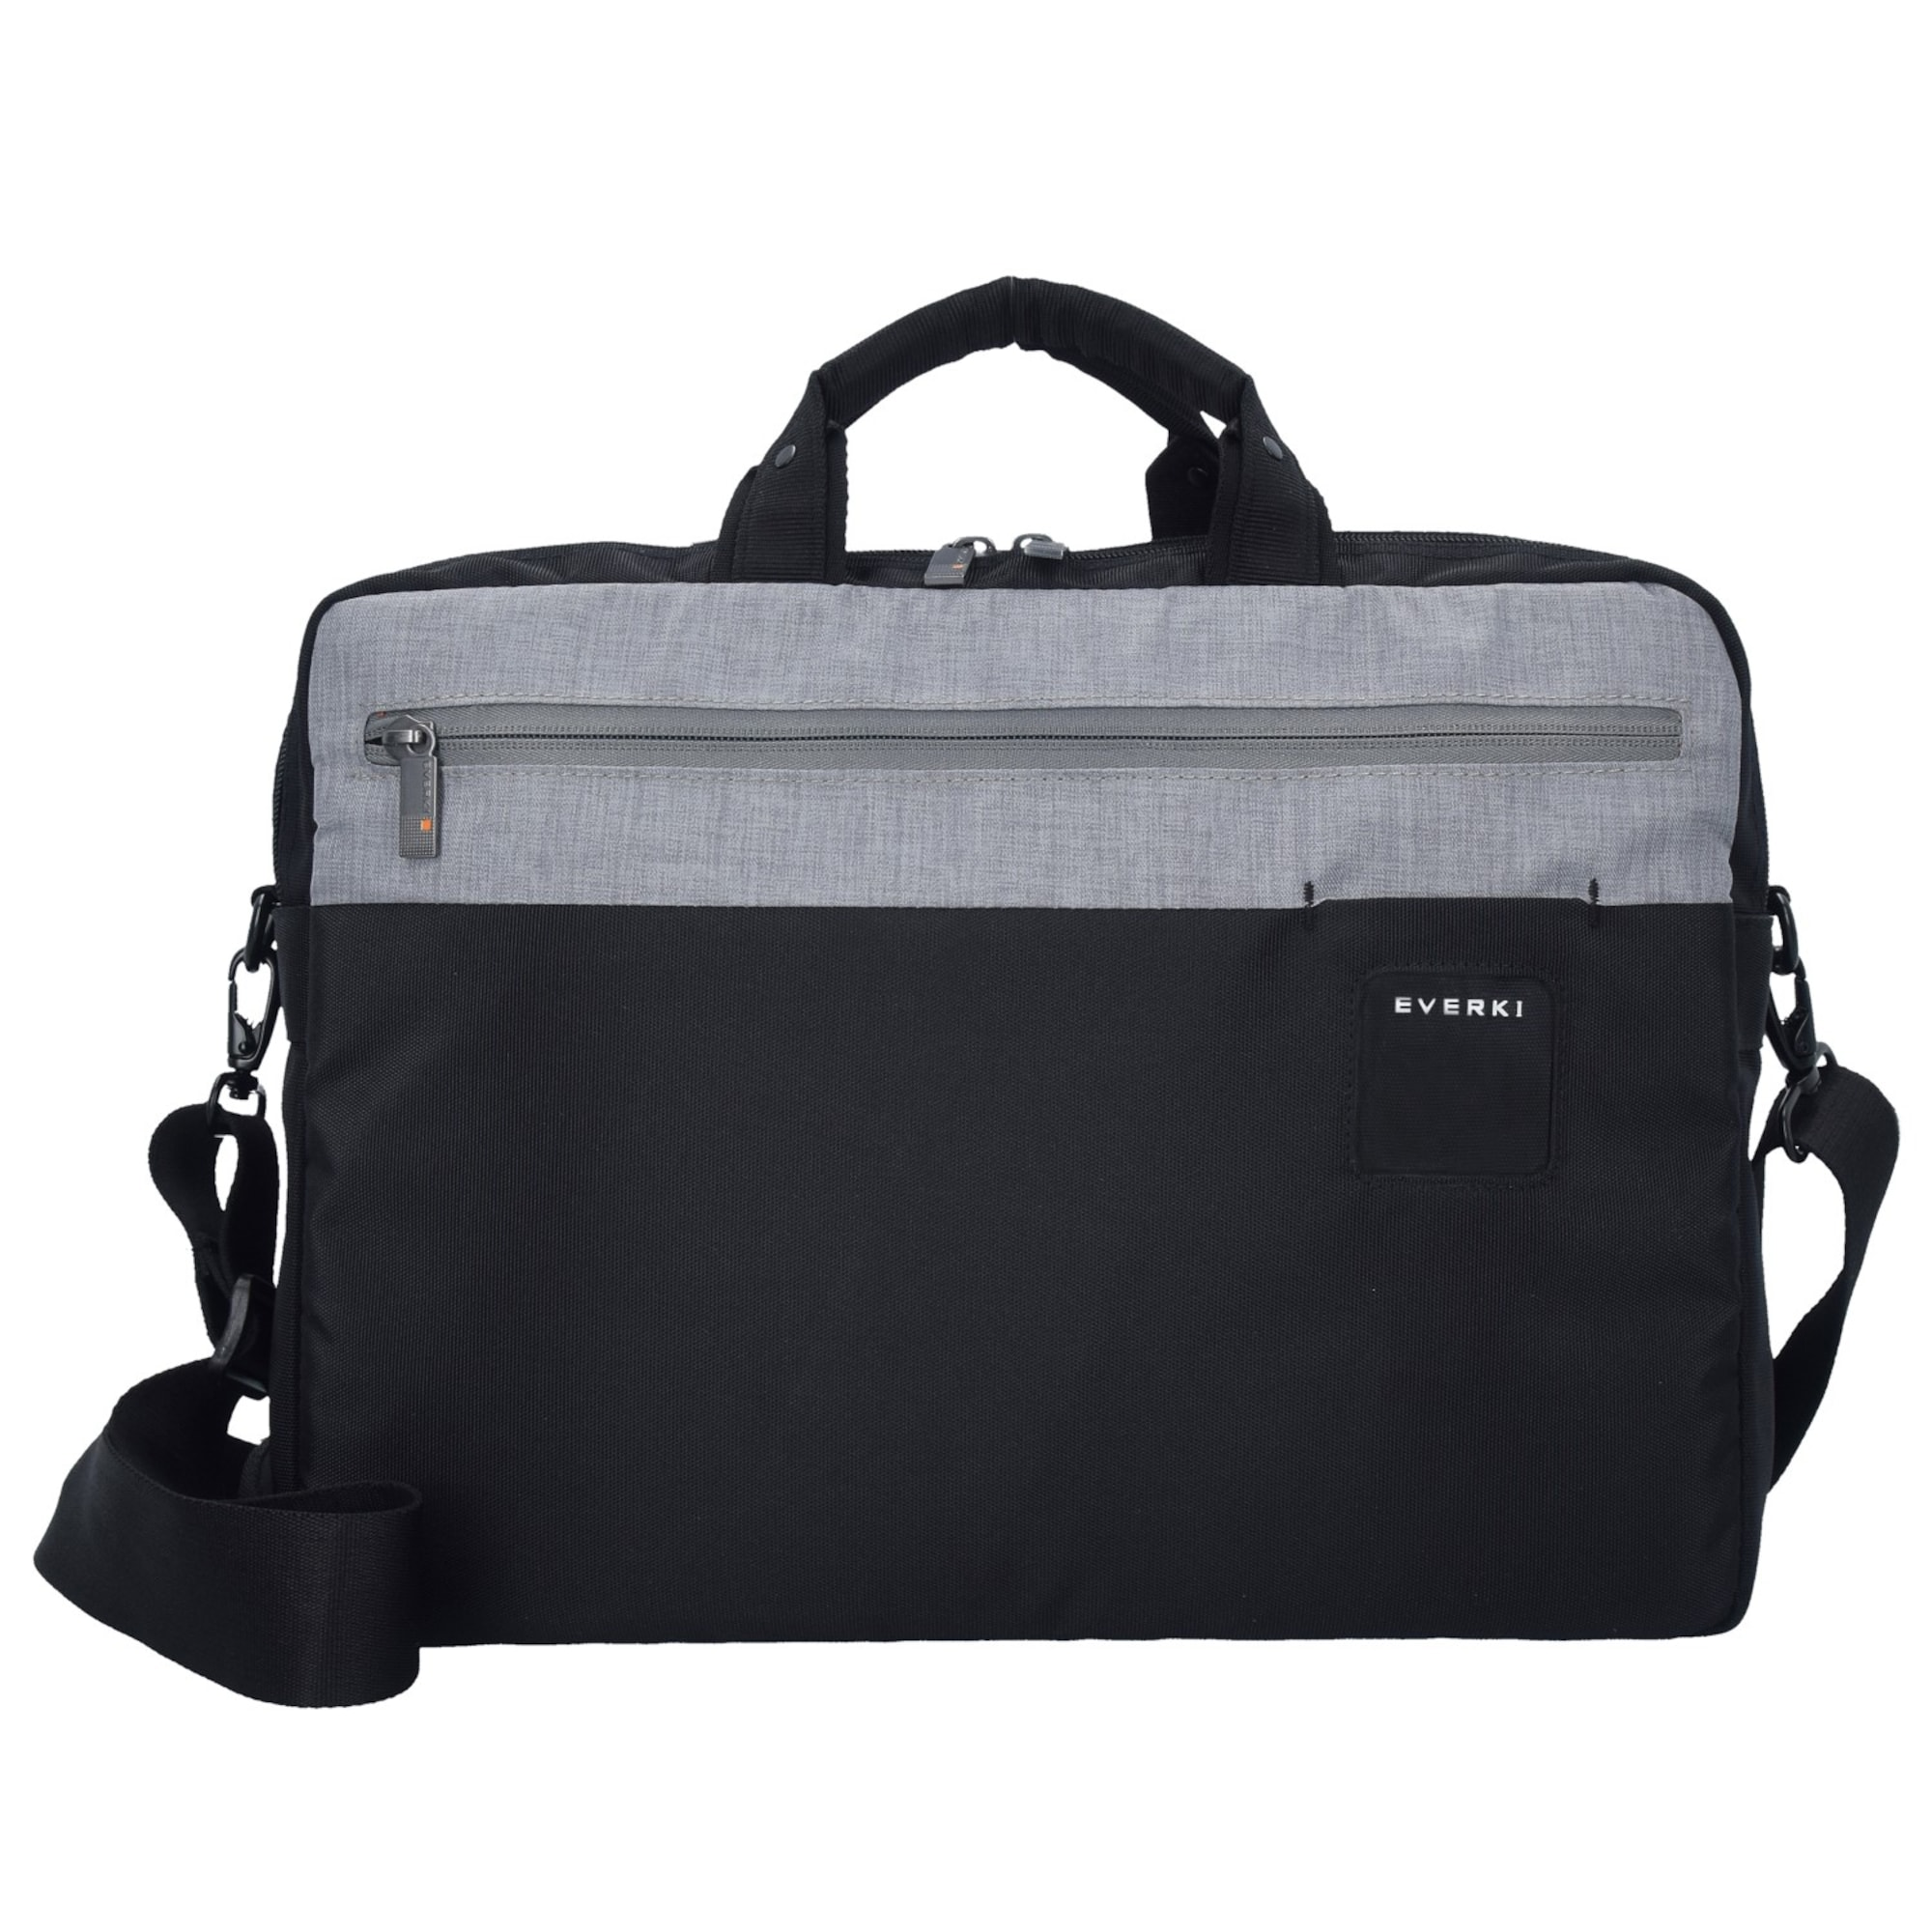 Laptoptasche | Taschen > Business Taschen > Laptoptaschen | Everki